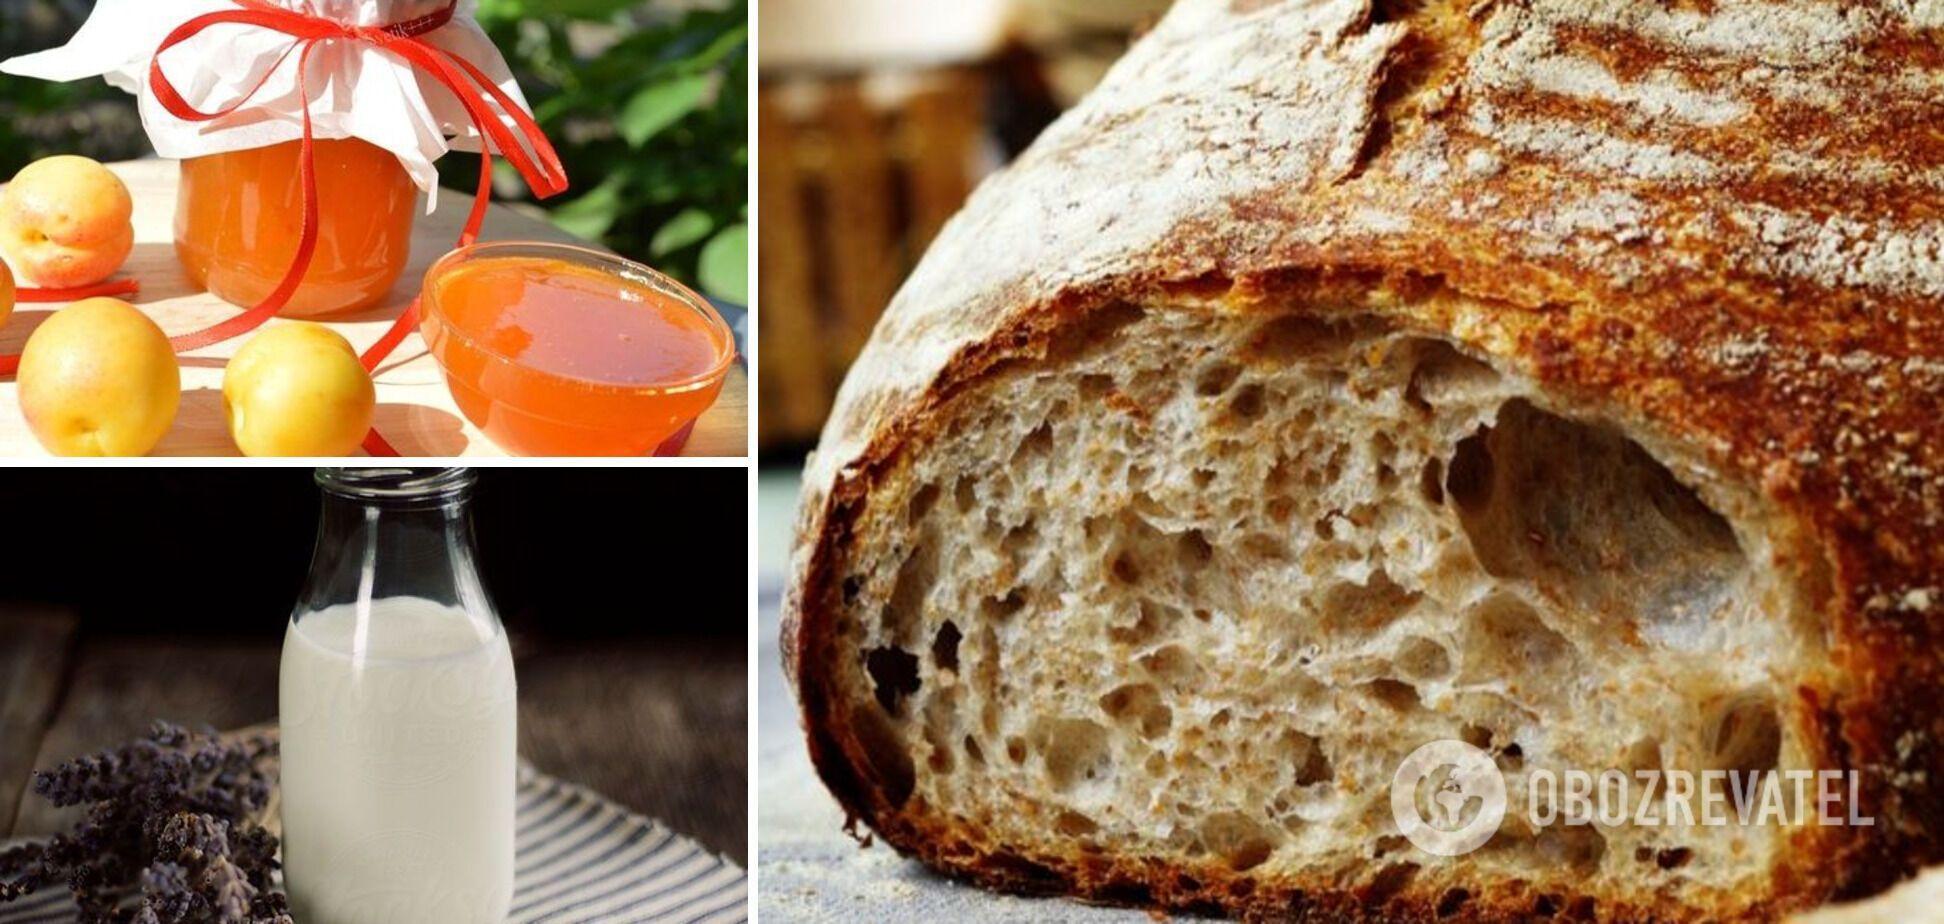 Сочетание абрикосового варенья, хлеба и молока